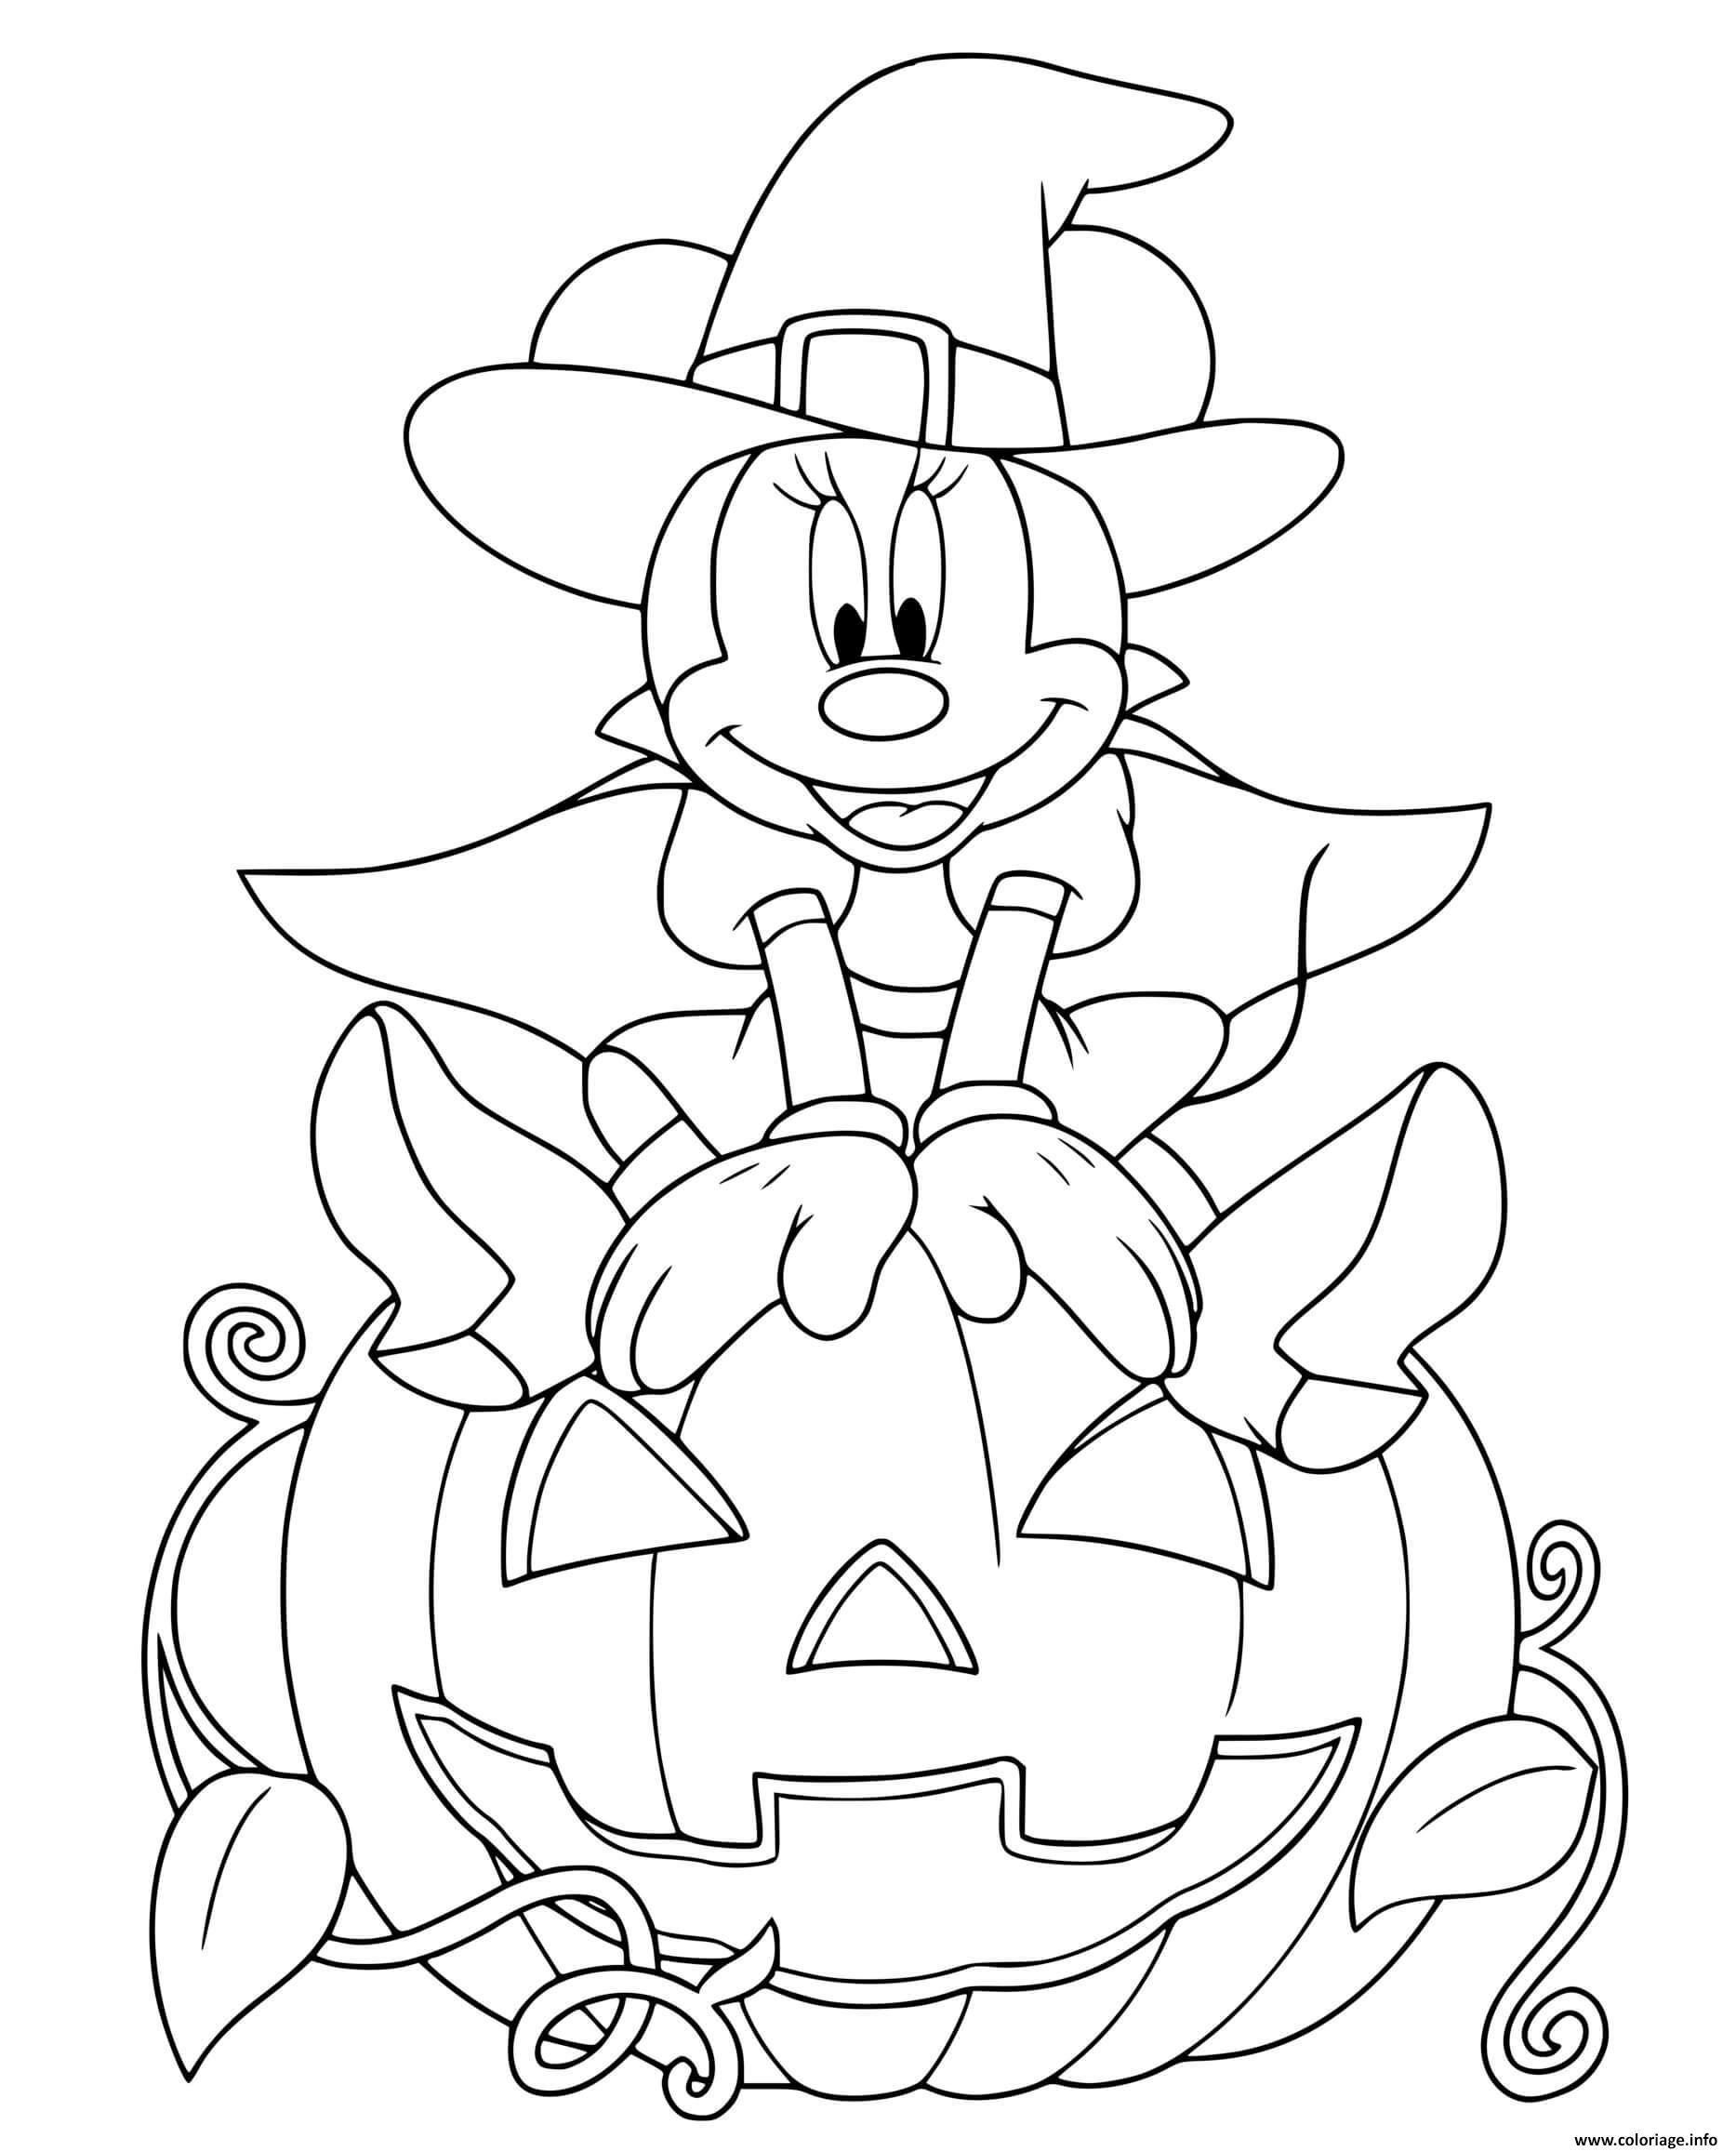 Dessin minnie mouse sorciere sur une citrouille Coloriage Gratuit à Imprimer